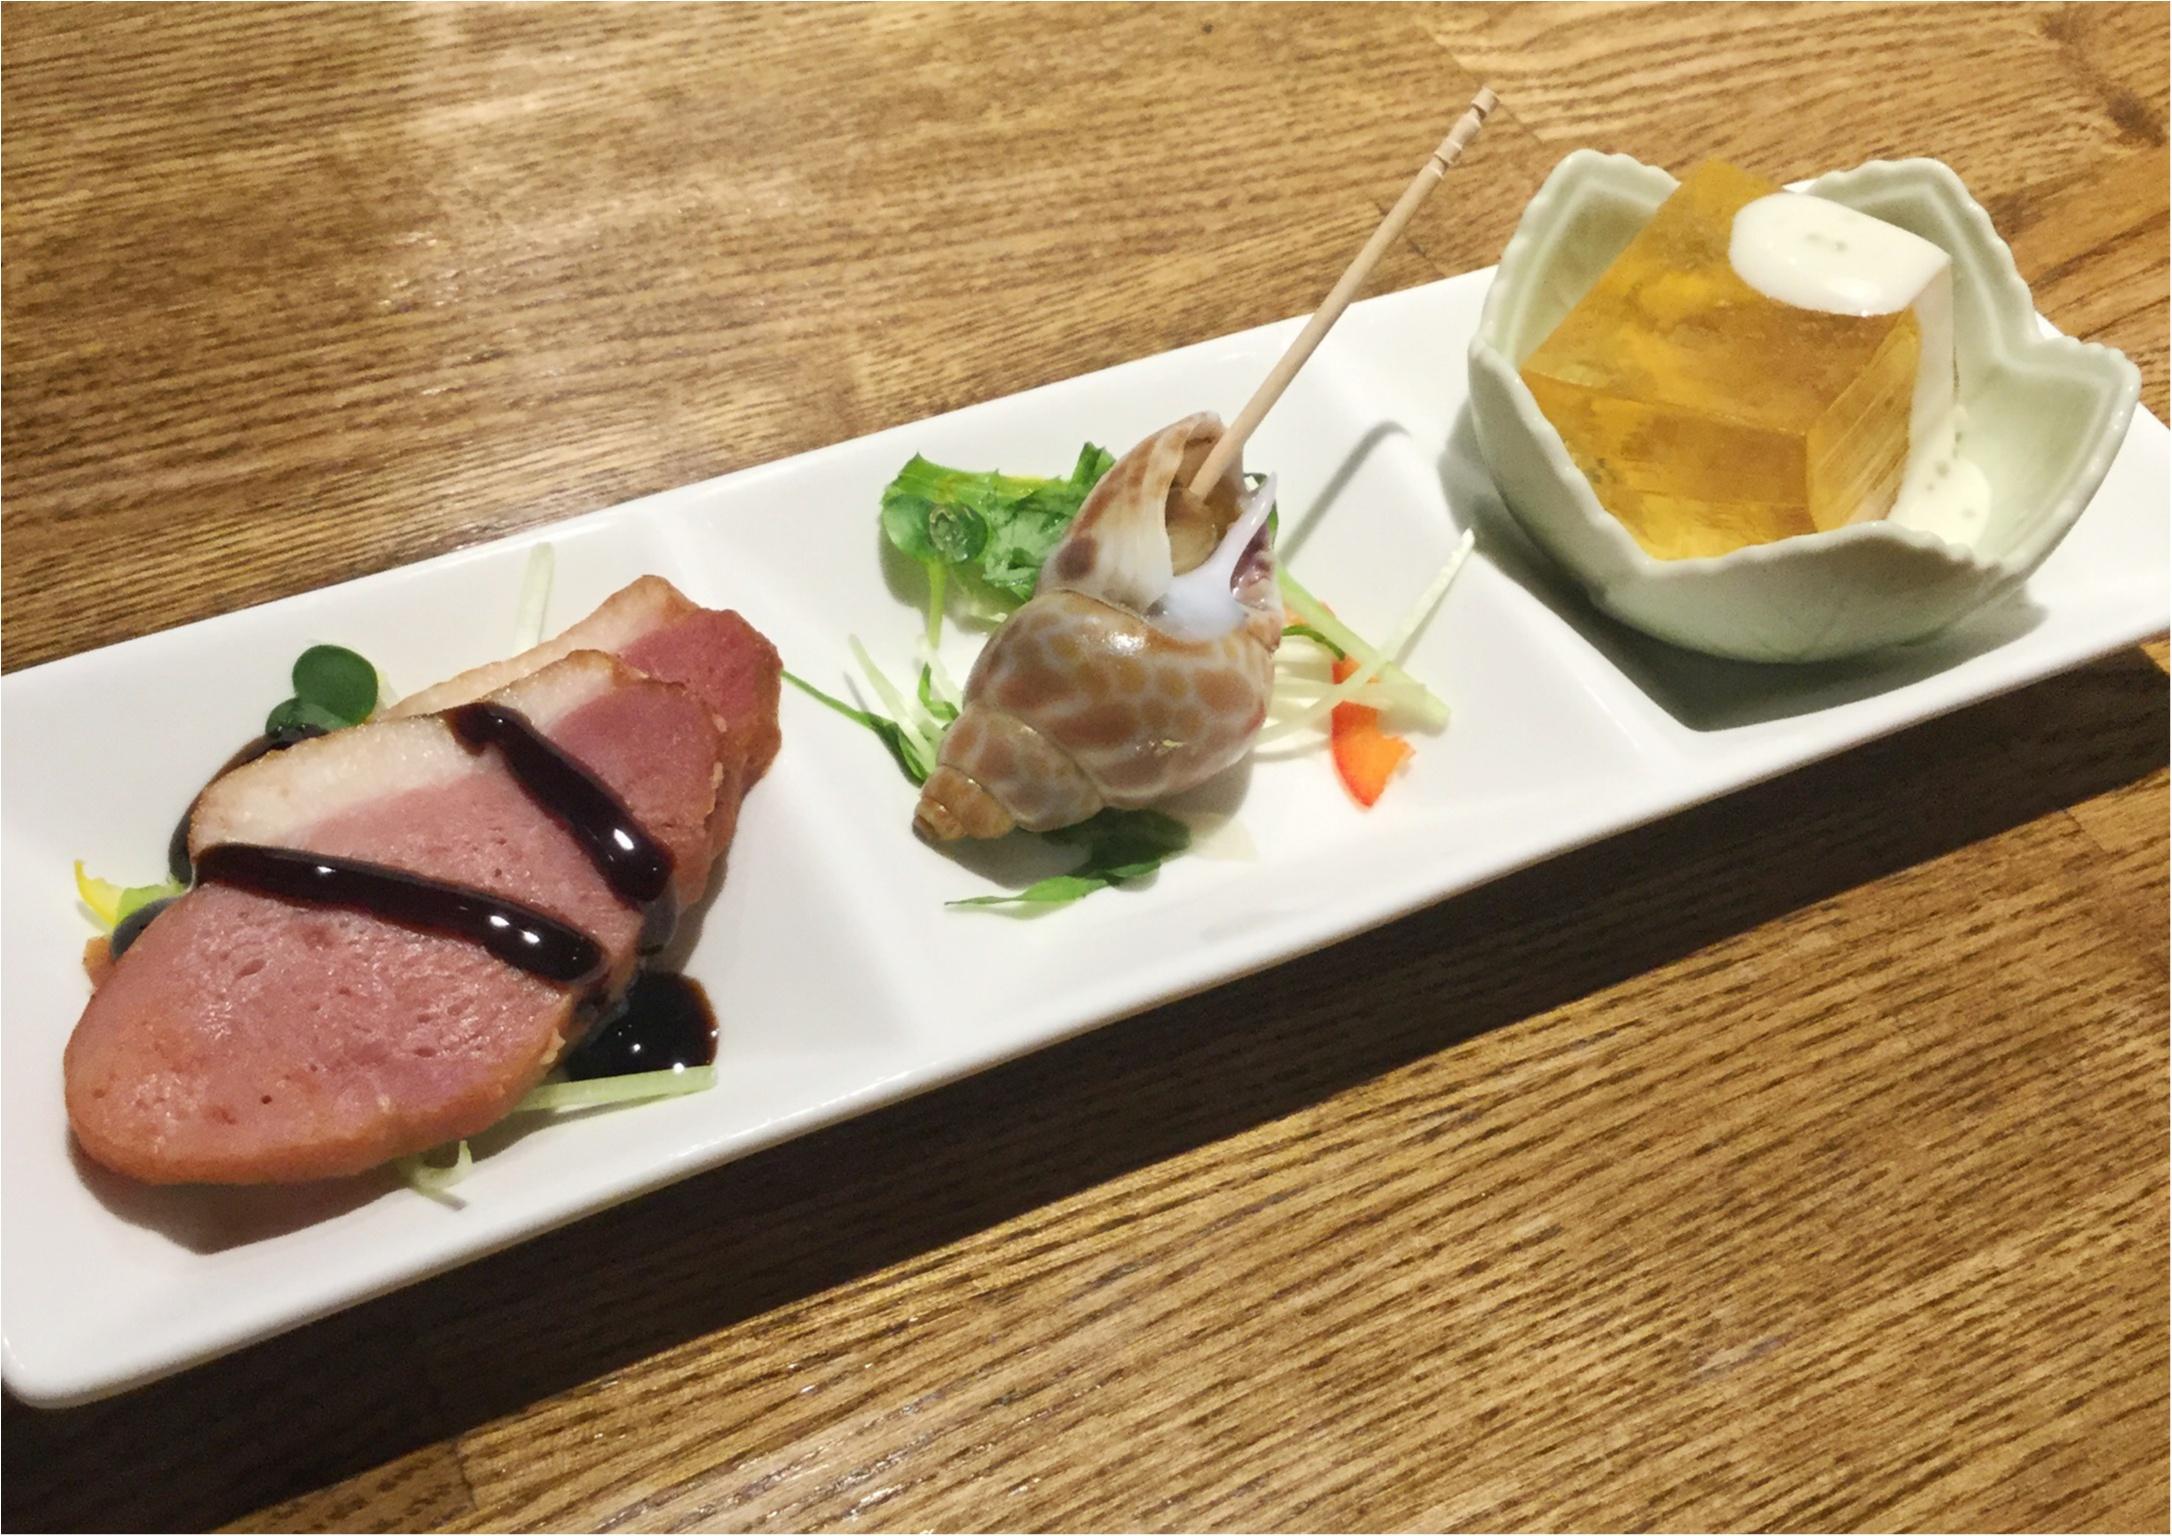 【デート&記念日にオススメ!】広島牛A5ステーキがリーズナブルな価格で食べれる隠れ家レストラン『暫(しばらく)』_2